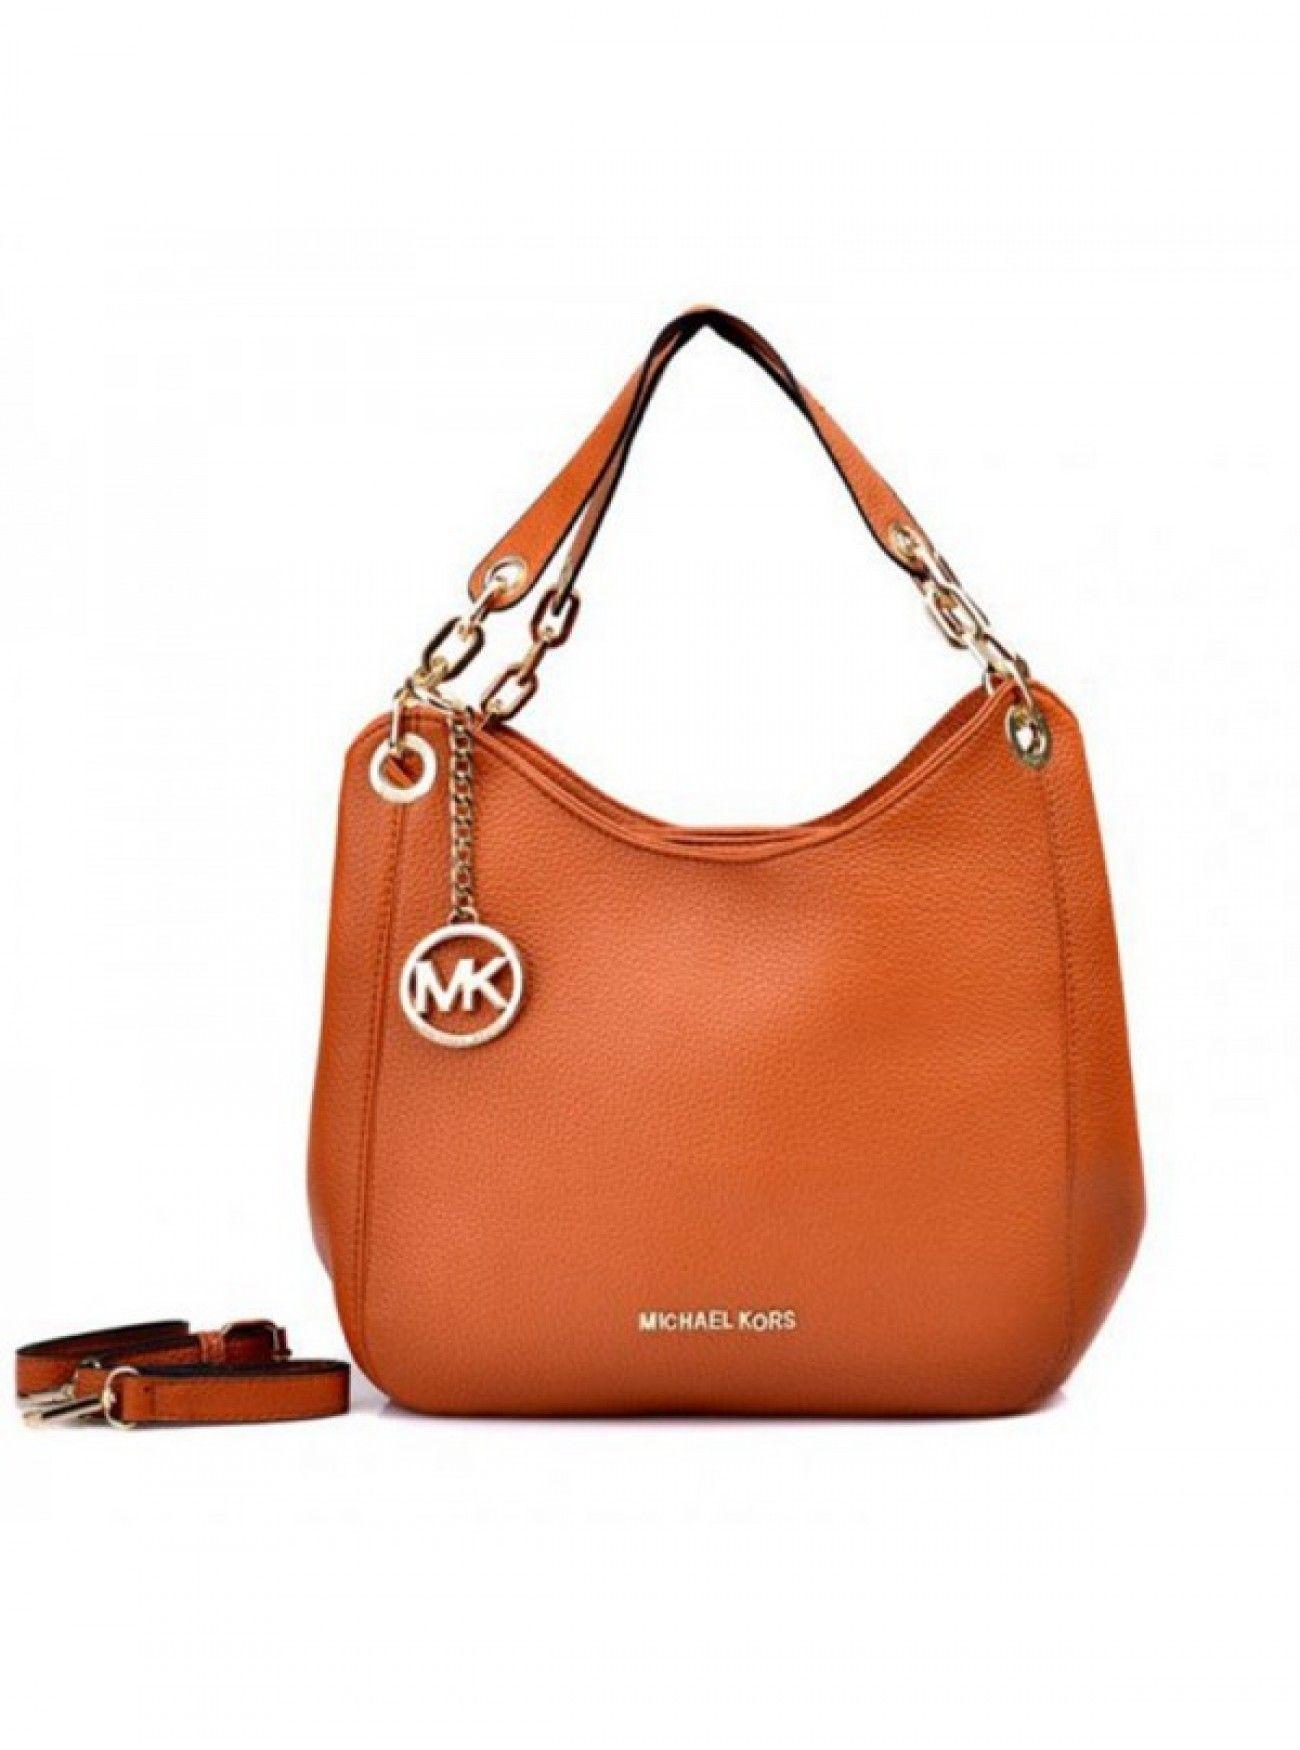 192e2ed09 Price Michael Kors Bedford Large Orange Shoulder Bags Black Online | MK